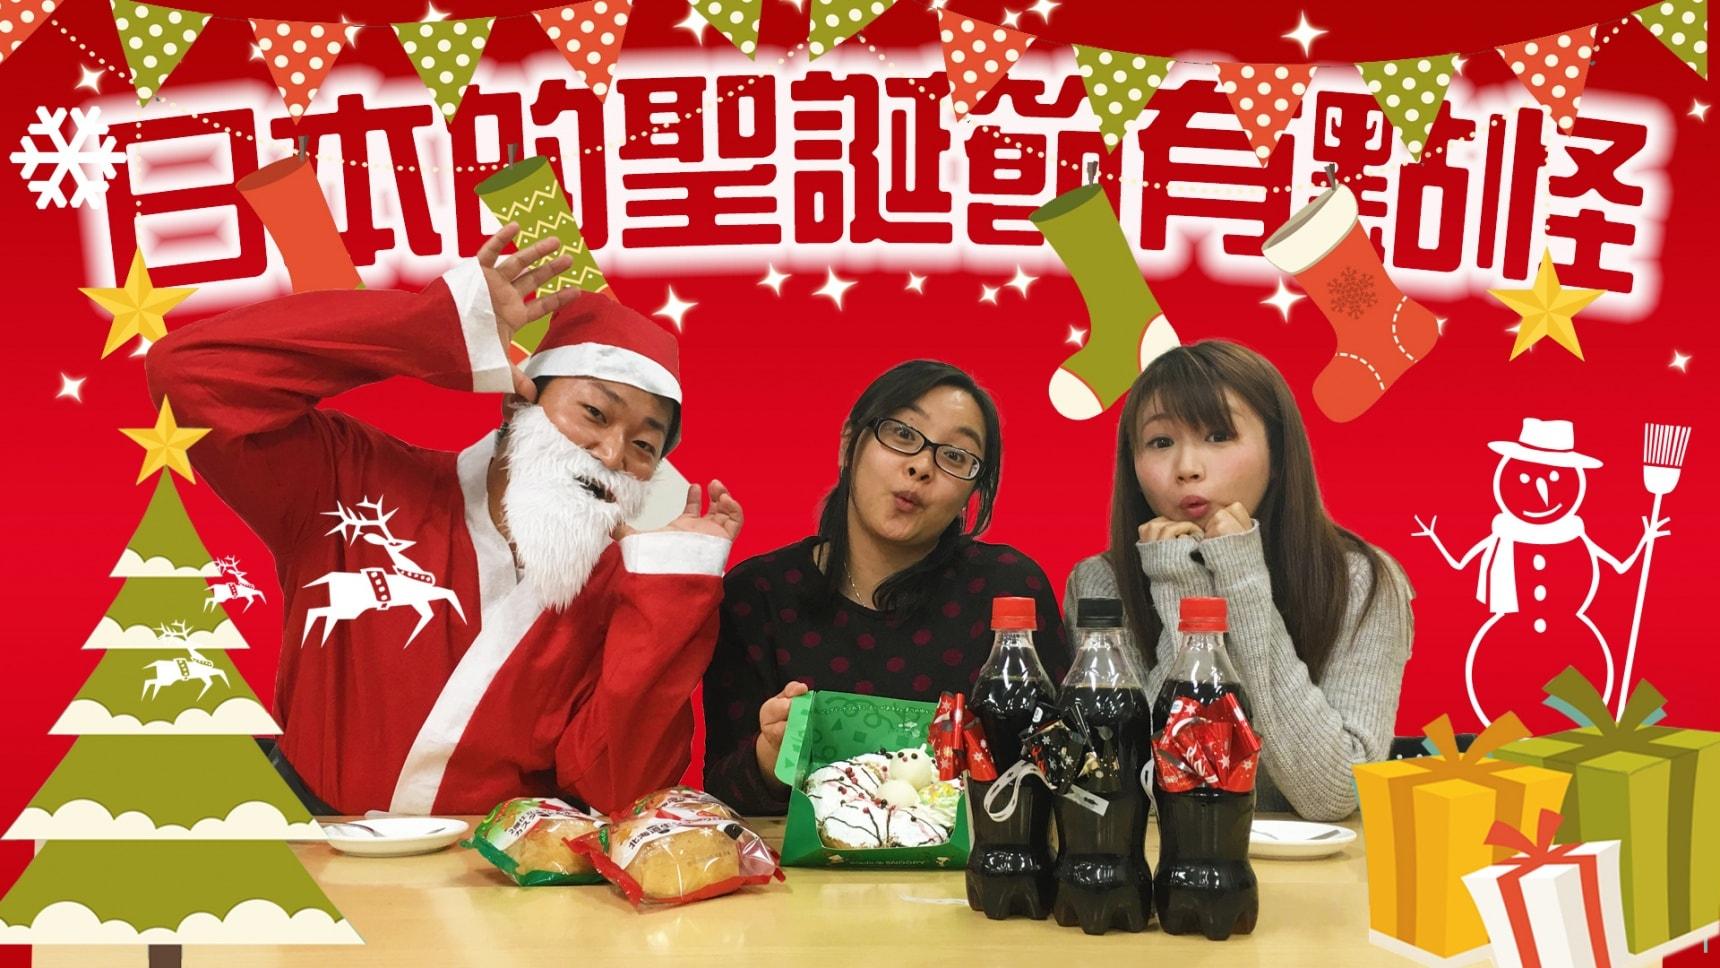 日本的聖誕節有點怪!?